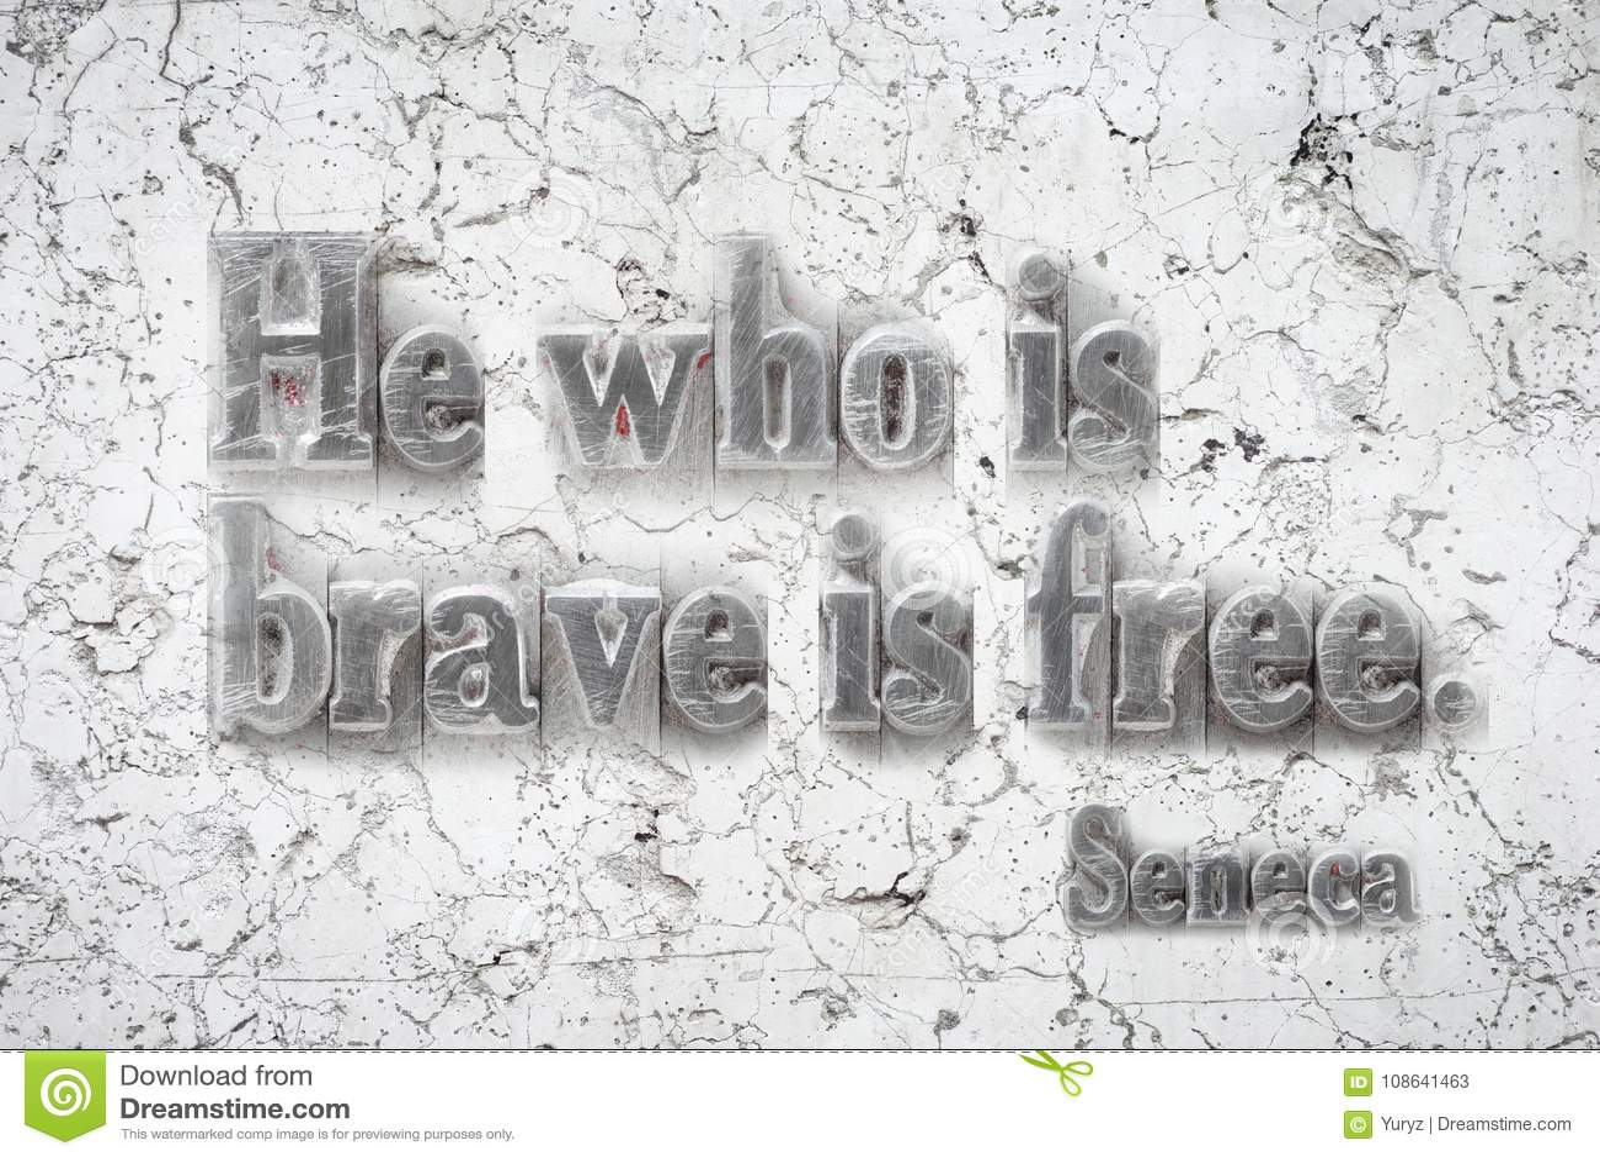 Το cWho είναι γενναίος Σενέκας